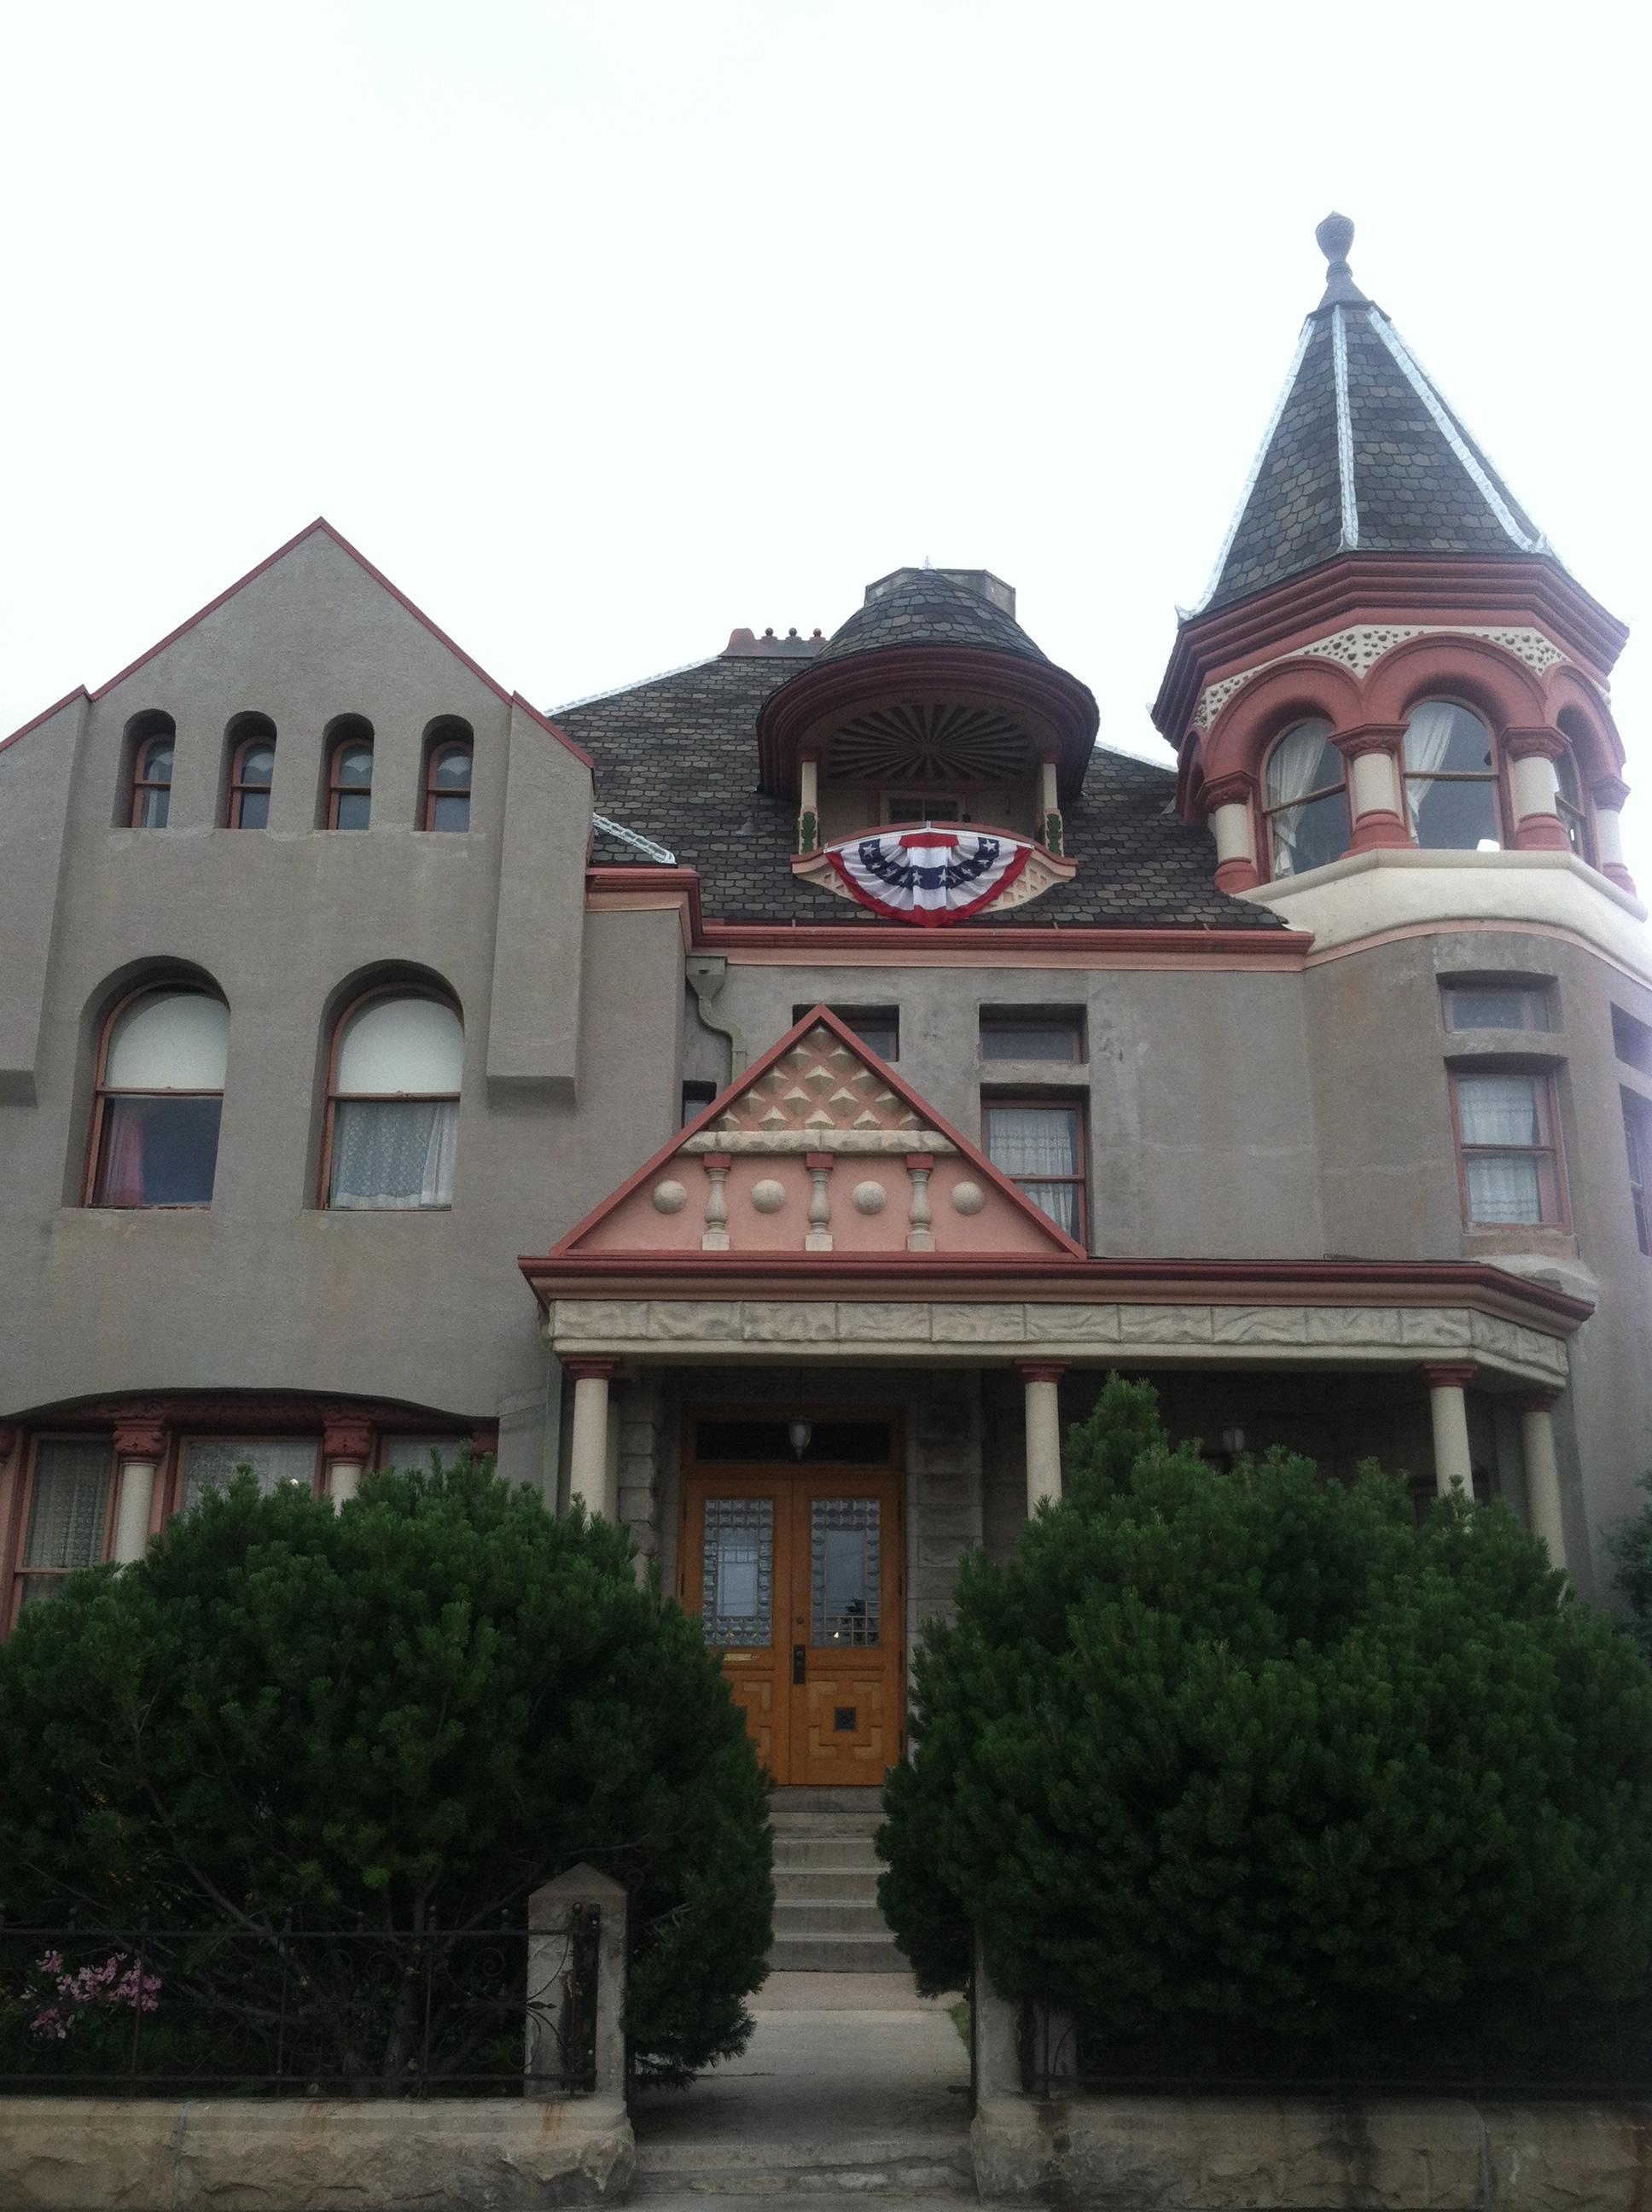 The historic Nagle Warren Mansion